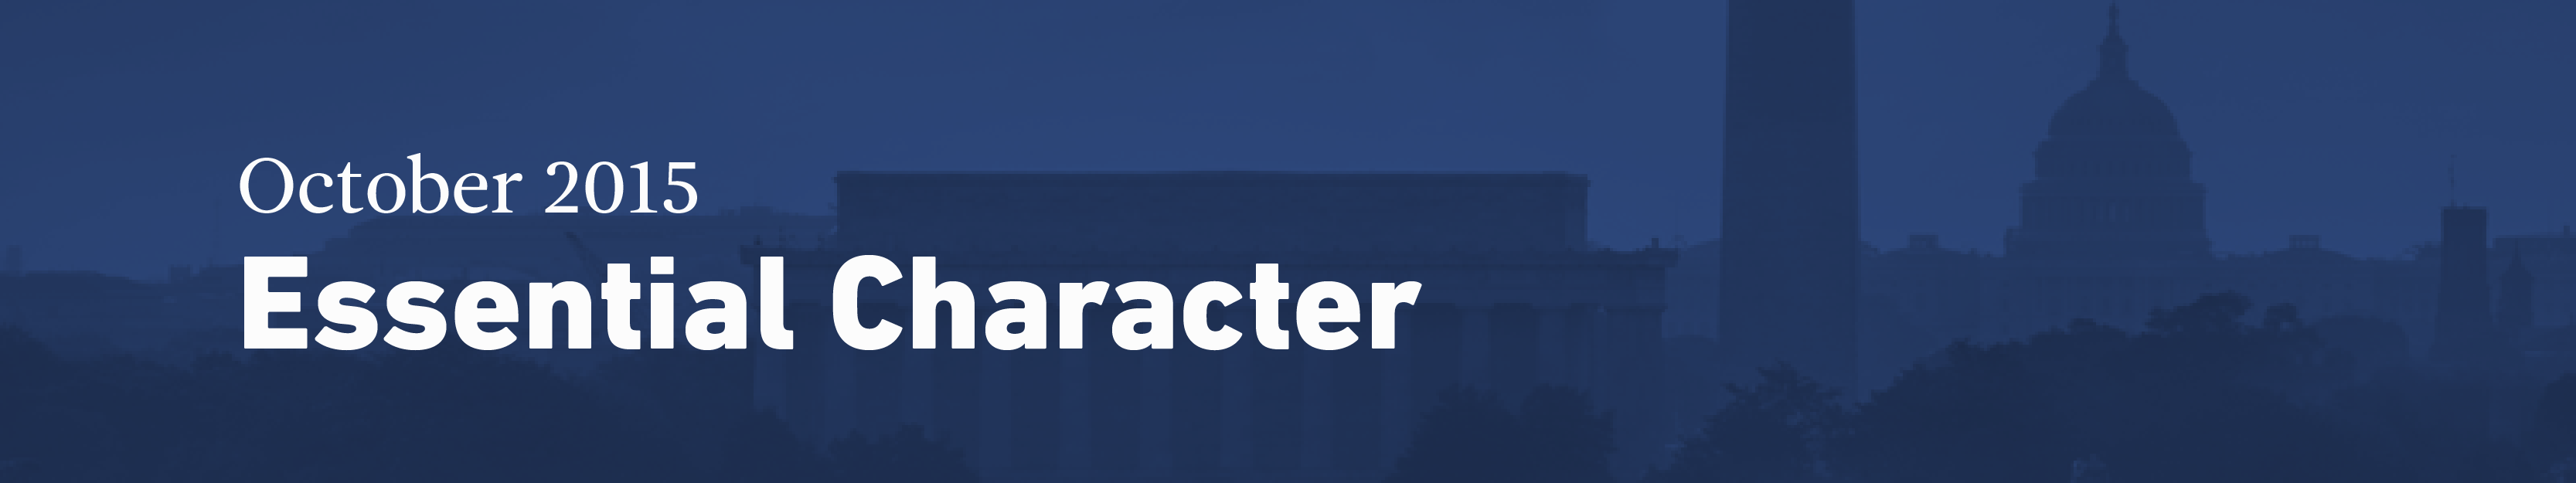 EC-Header_October 2015